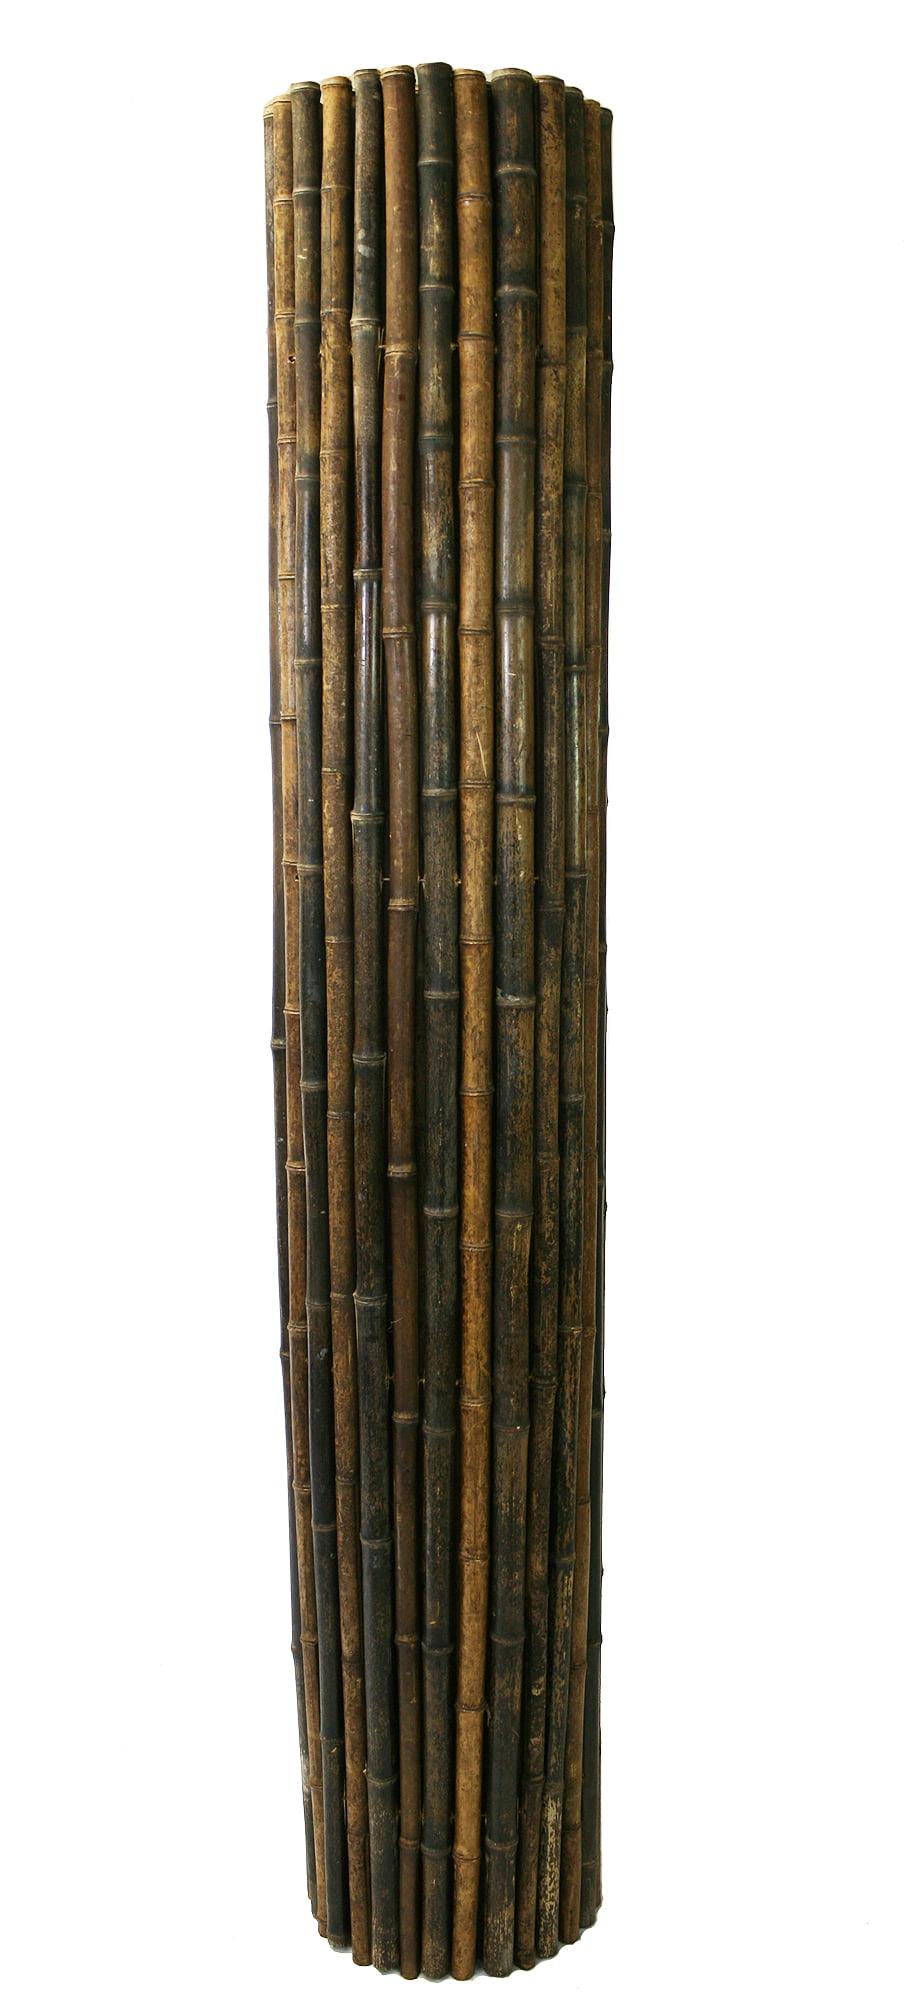 - Backyard X-Scapes Bamboo Fencing, Natural Black - Walmart.com